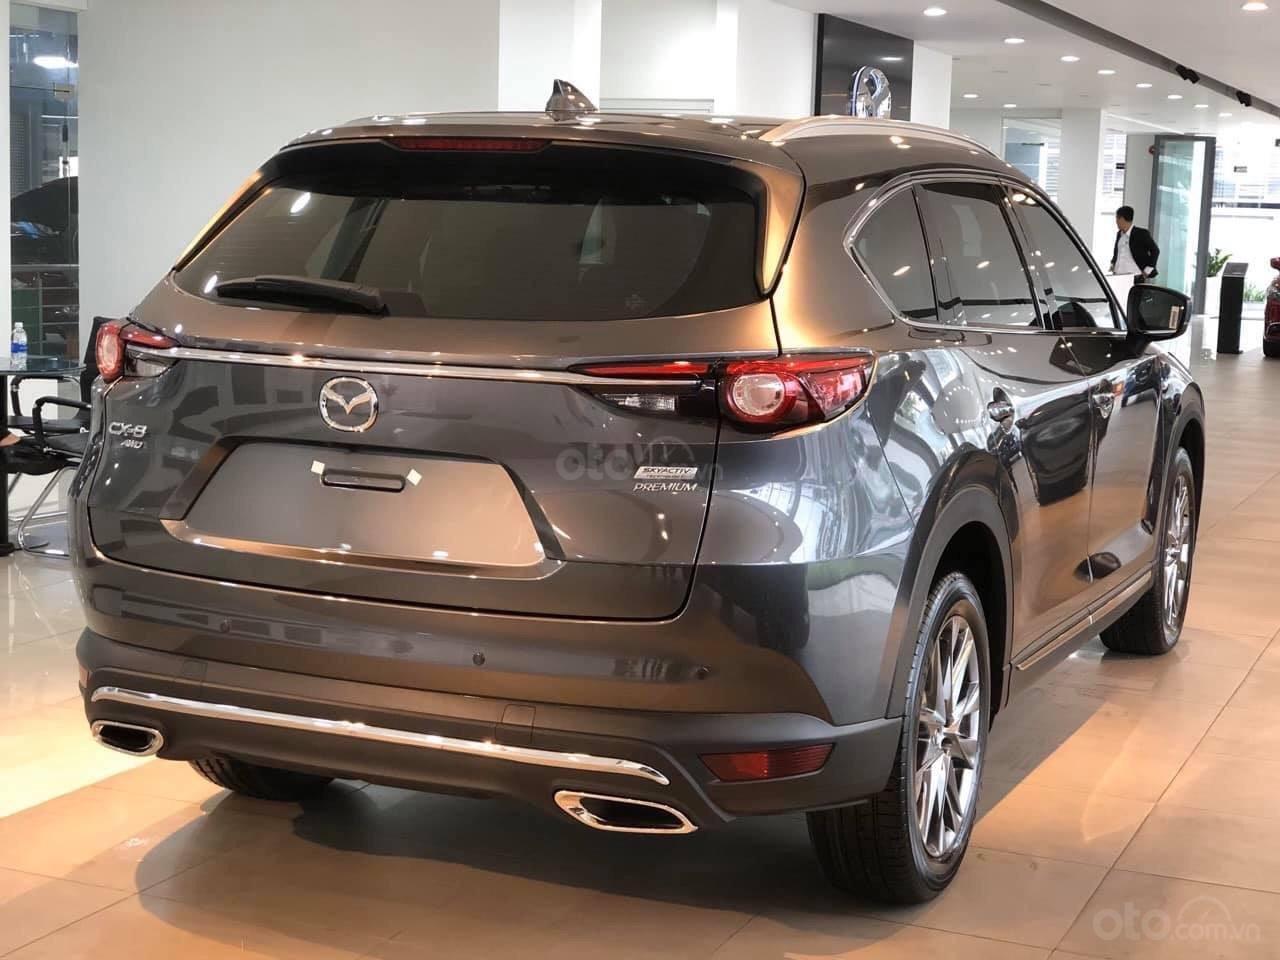 Mazda CX8 khuyến mại siêu khủng, giảm ngay 100 triệu tiền mặt, giao xe ngay (3)